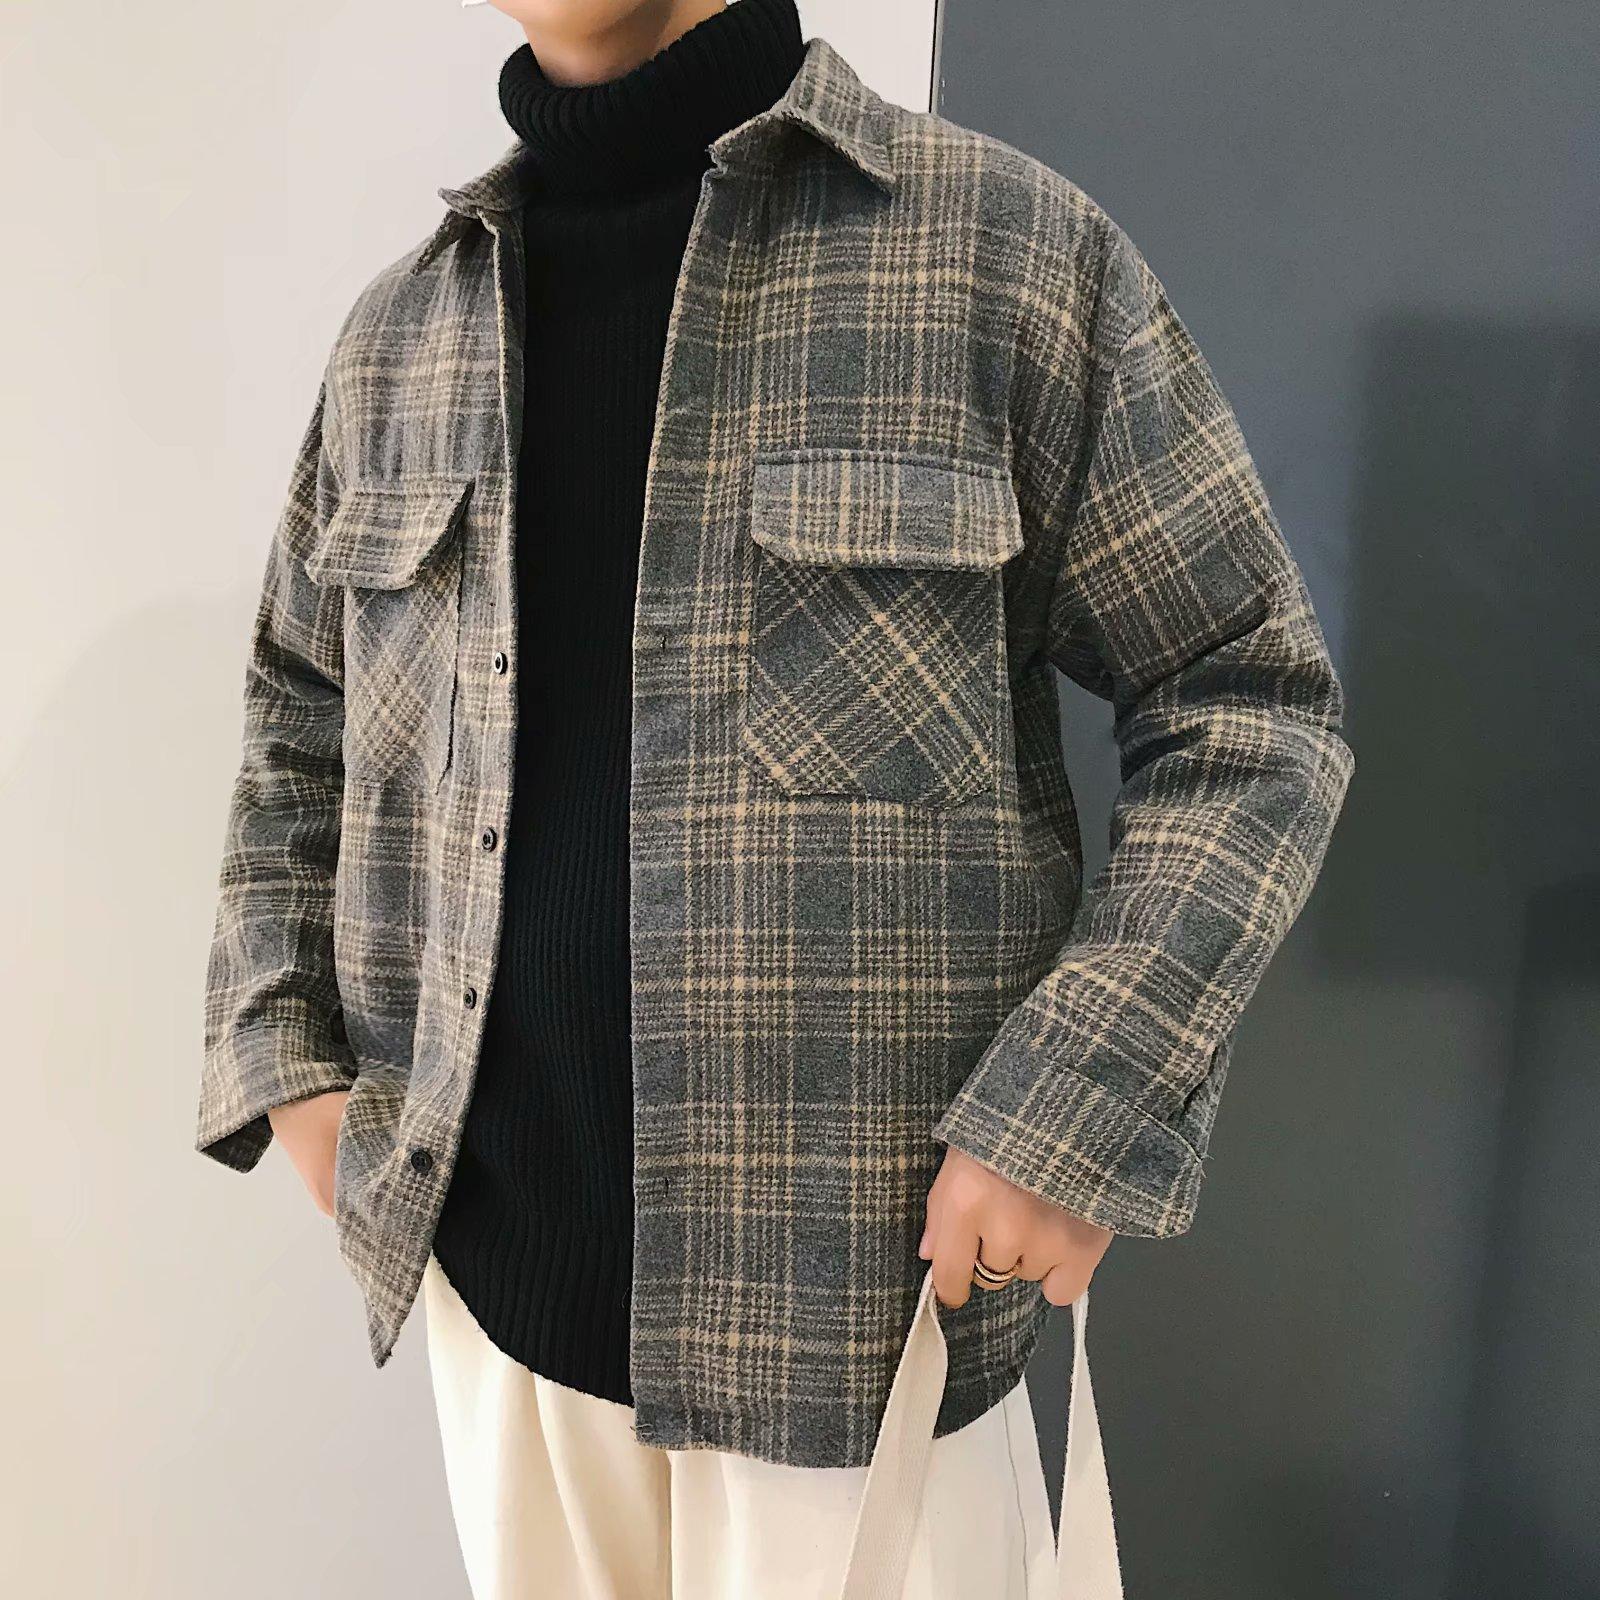 秋冬季毛呢料休闲格子外套男韩版港风青少年宽松长袖衬衣男潮衬衫